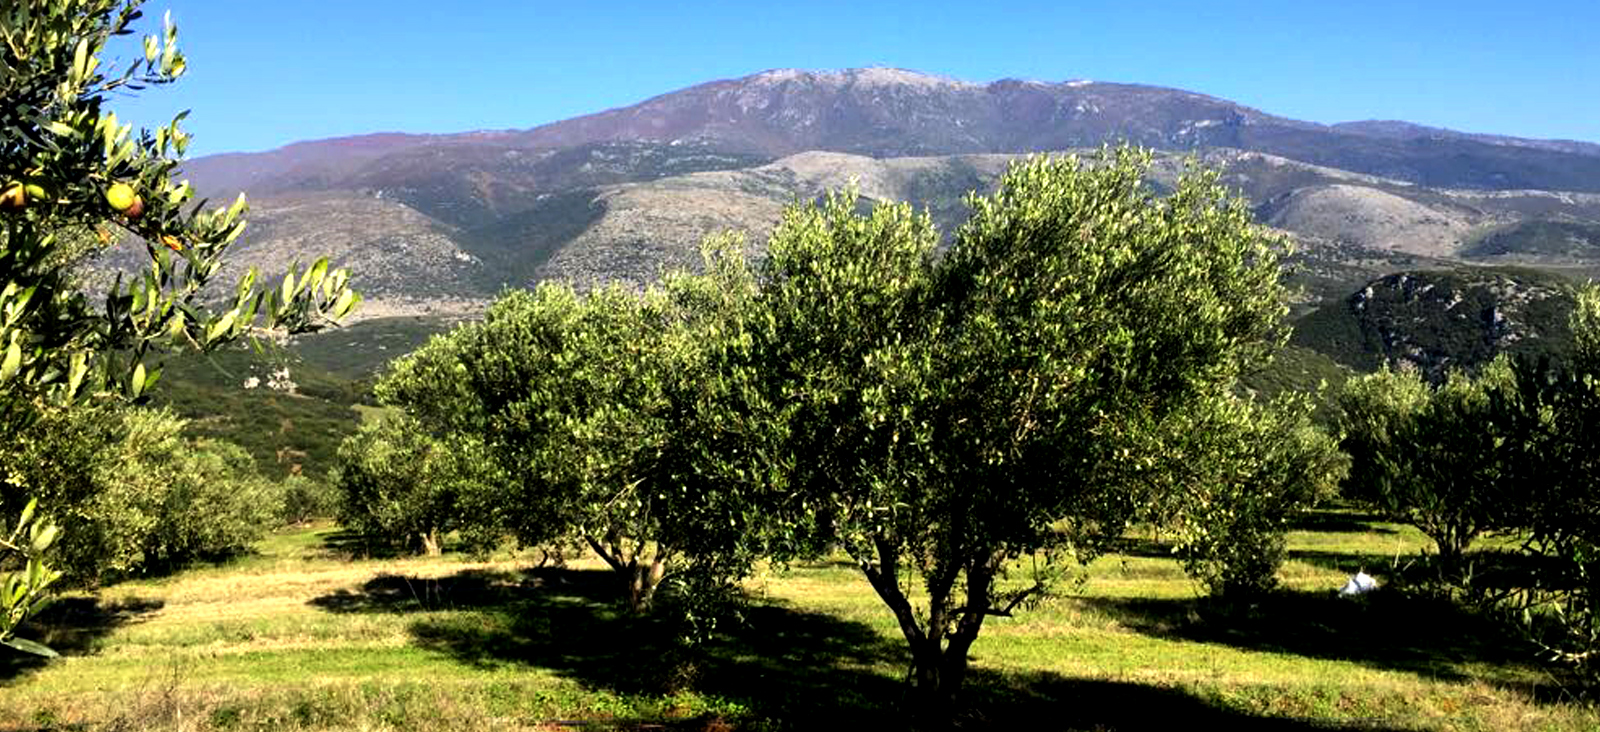 Olivenbäume in Griechenland